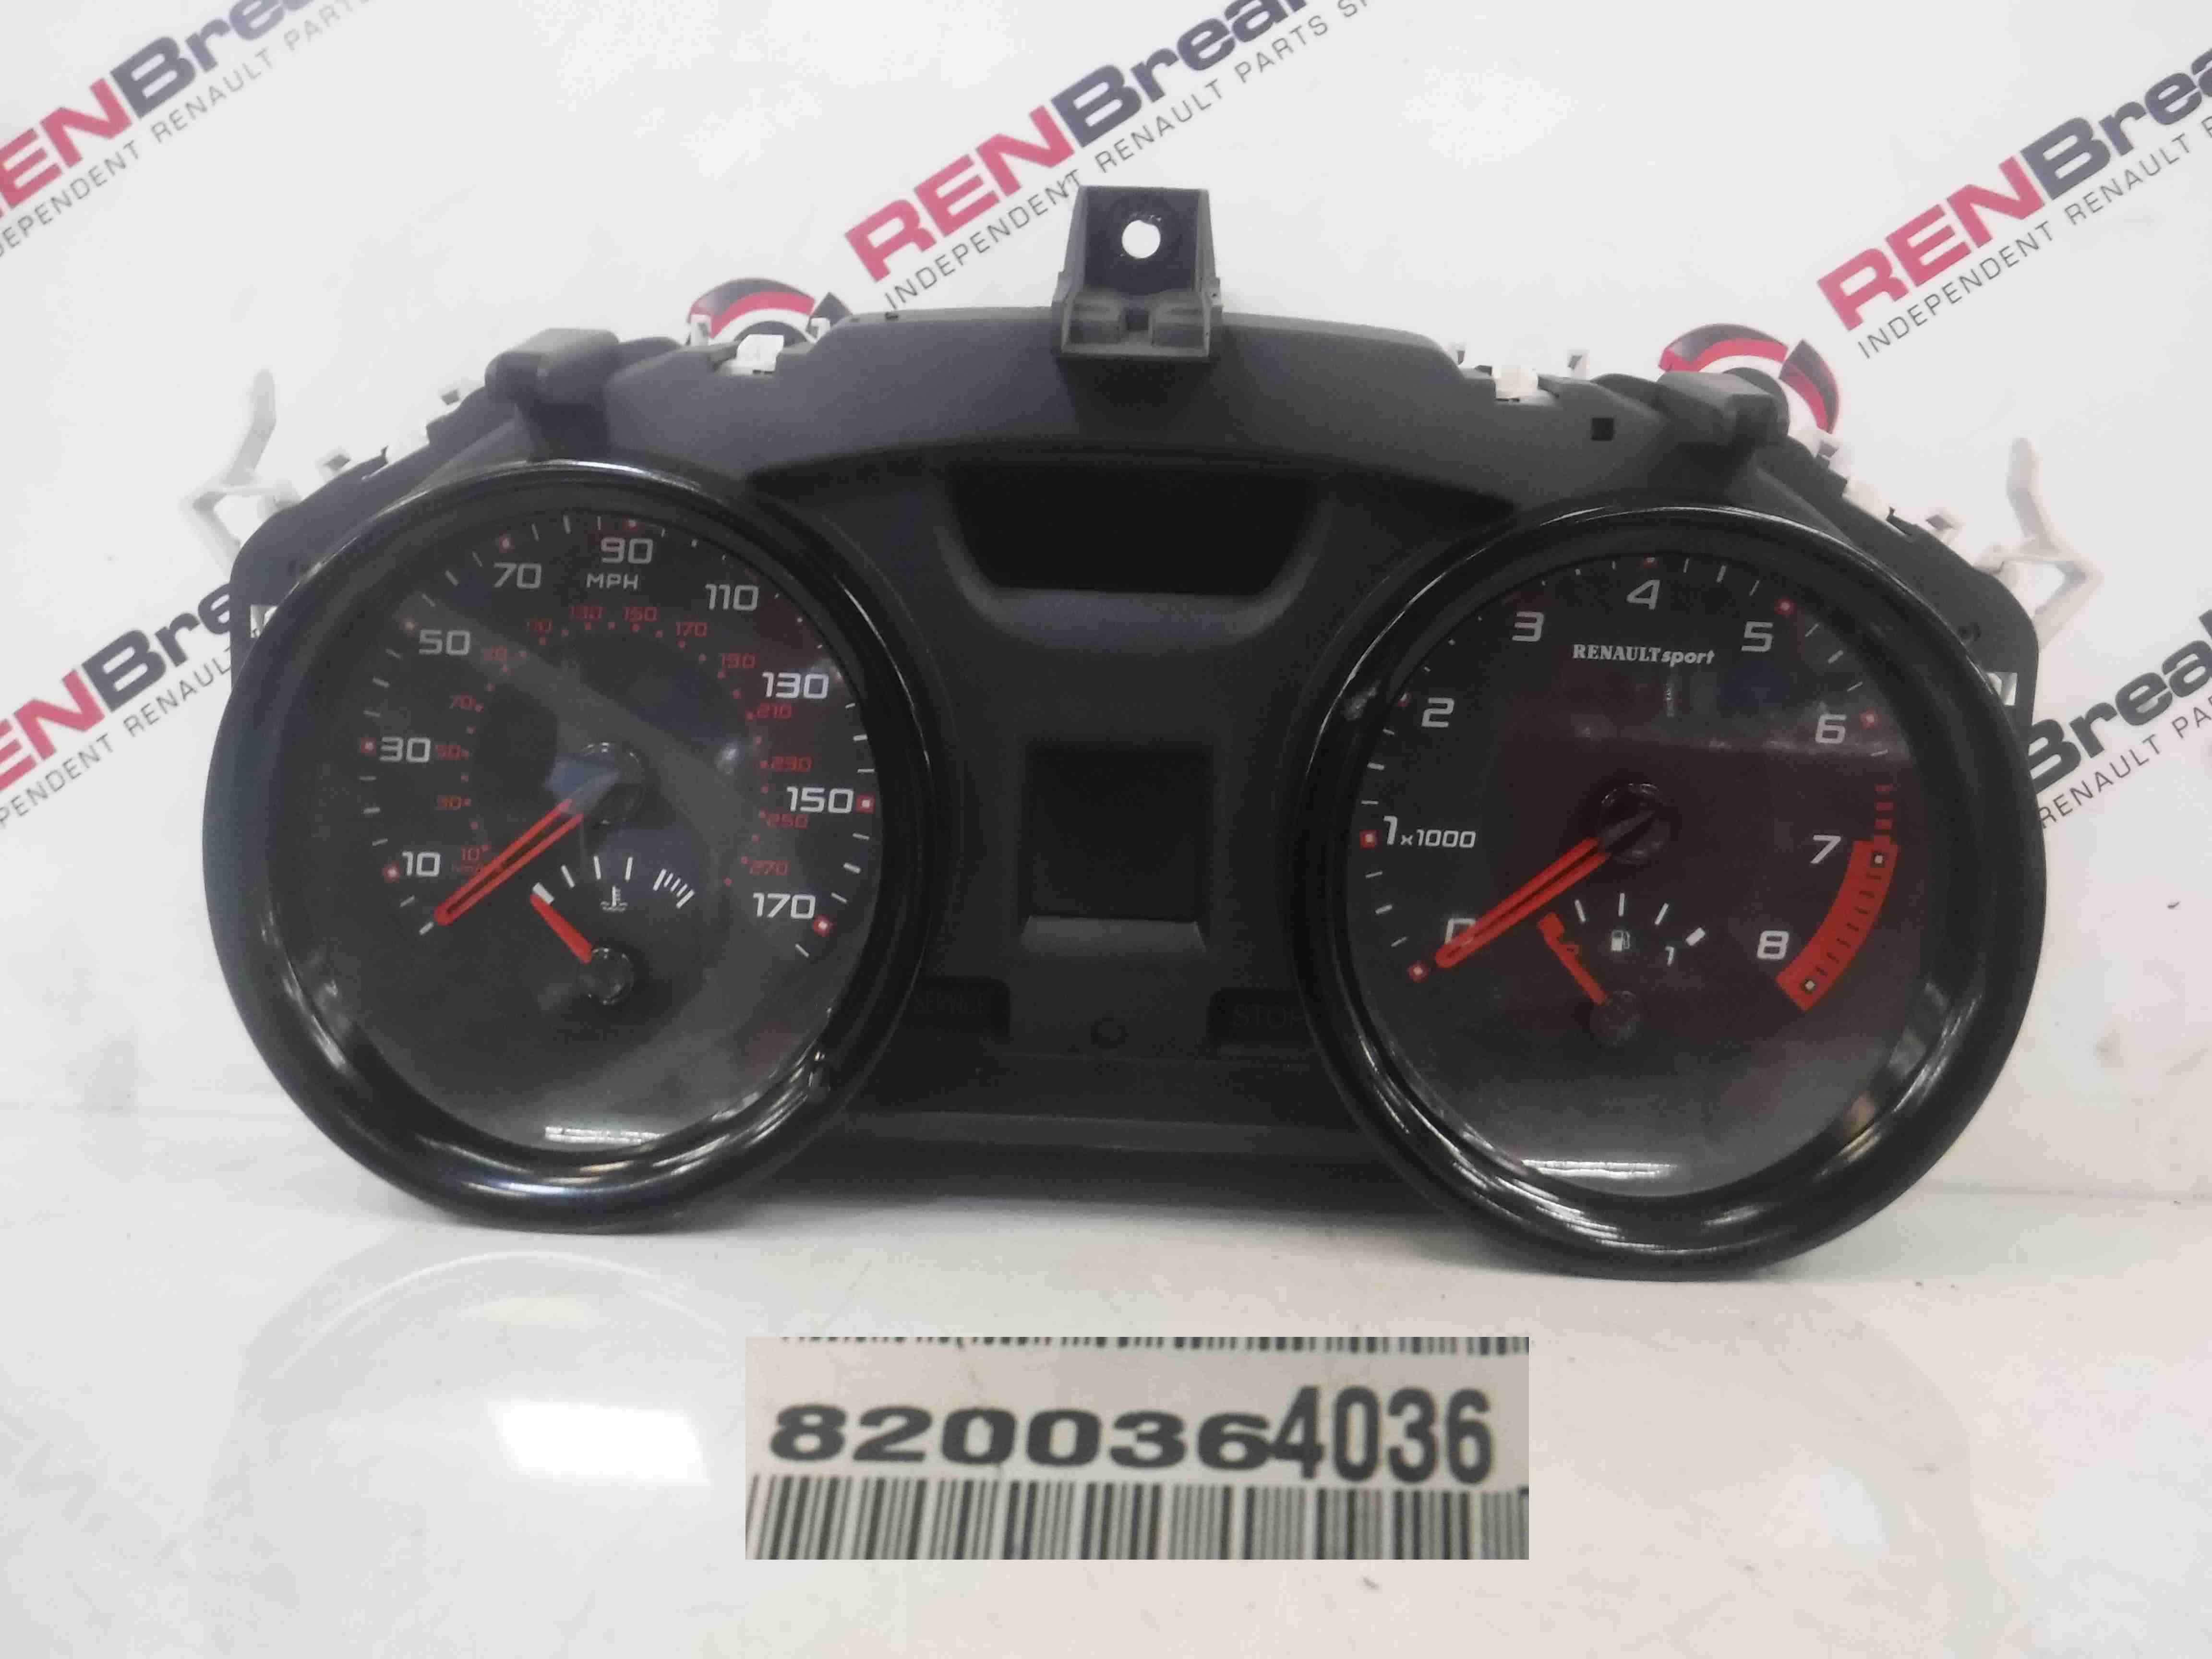 Renault Megane Sport 2002-2008 225 Instrument Panel Dials Gauges Clocks